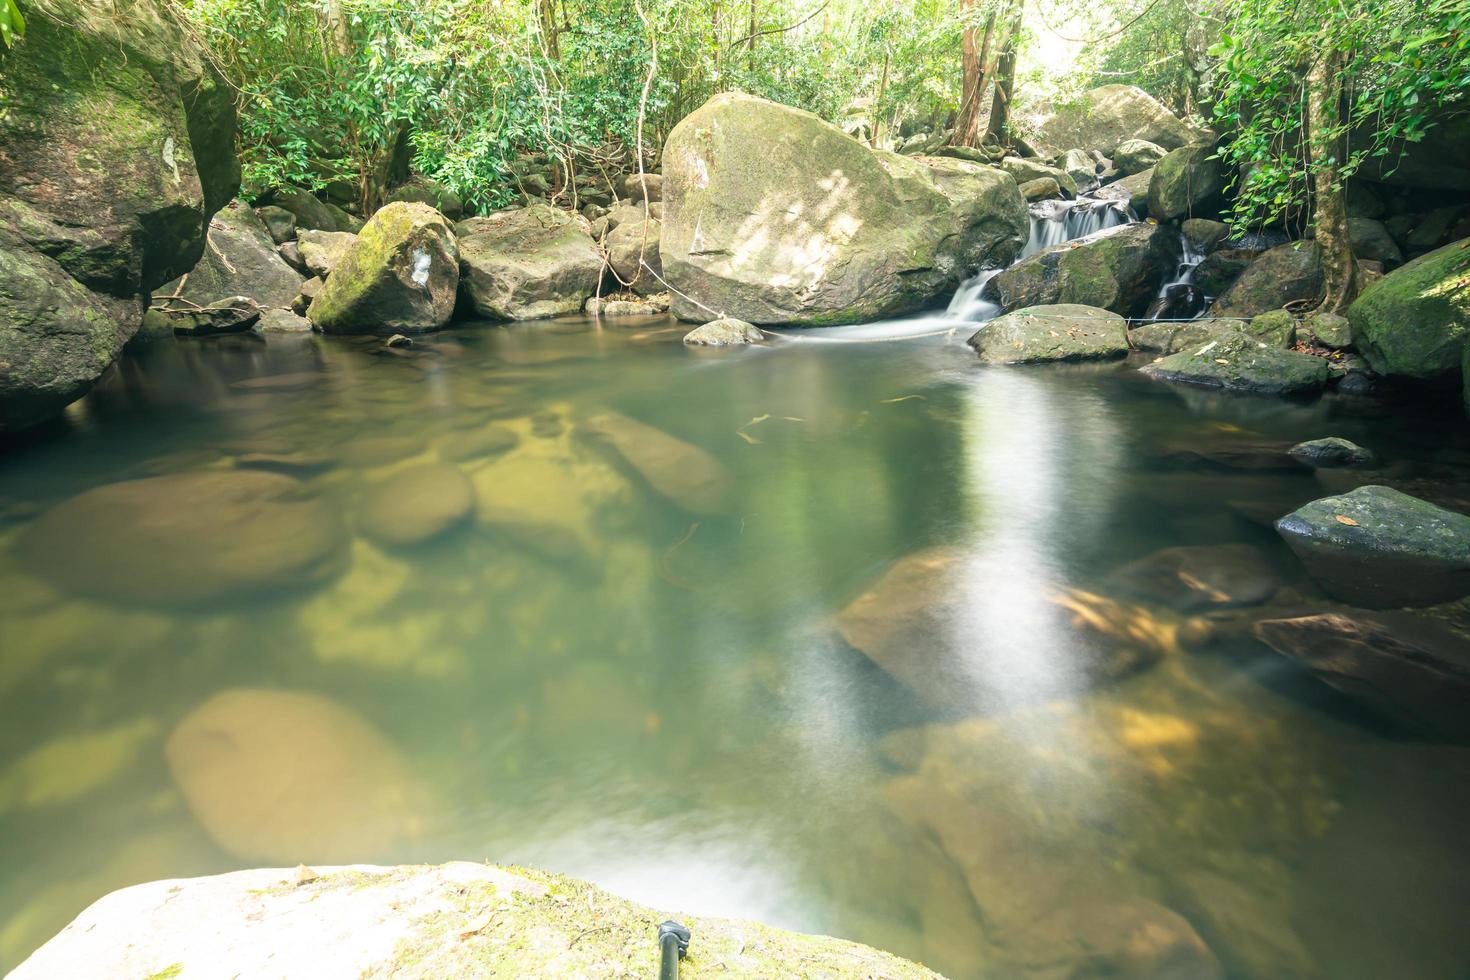 natürliche landschaft am khlong pla kang wasserfall foto